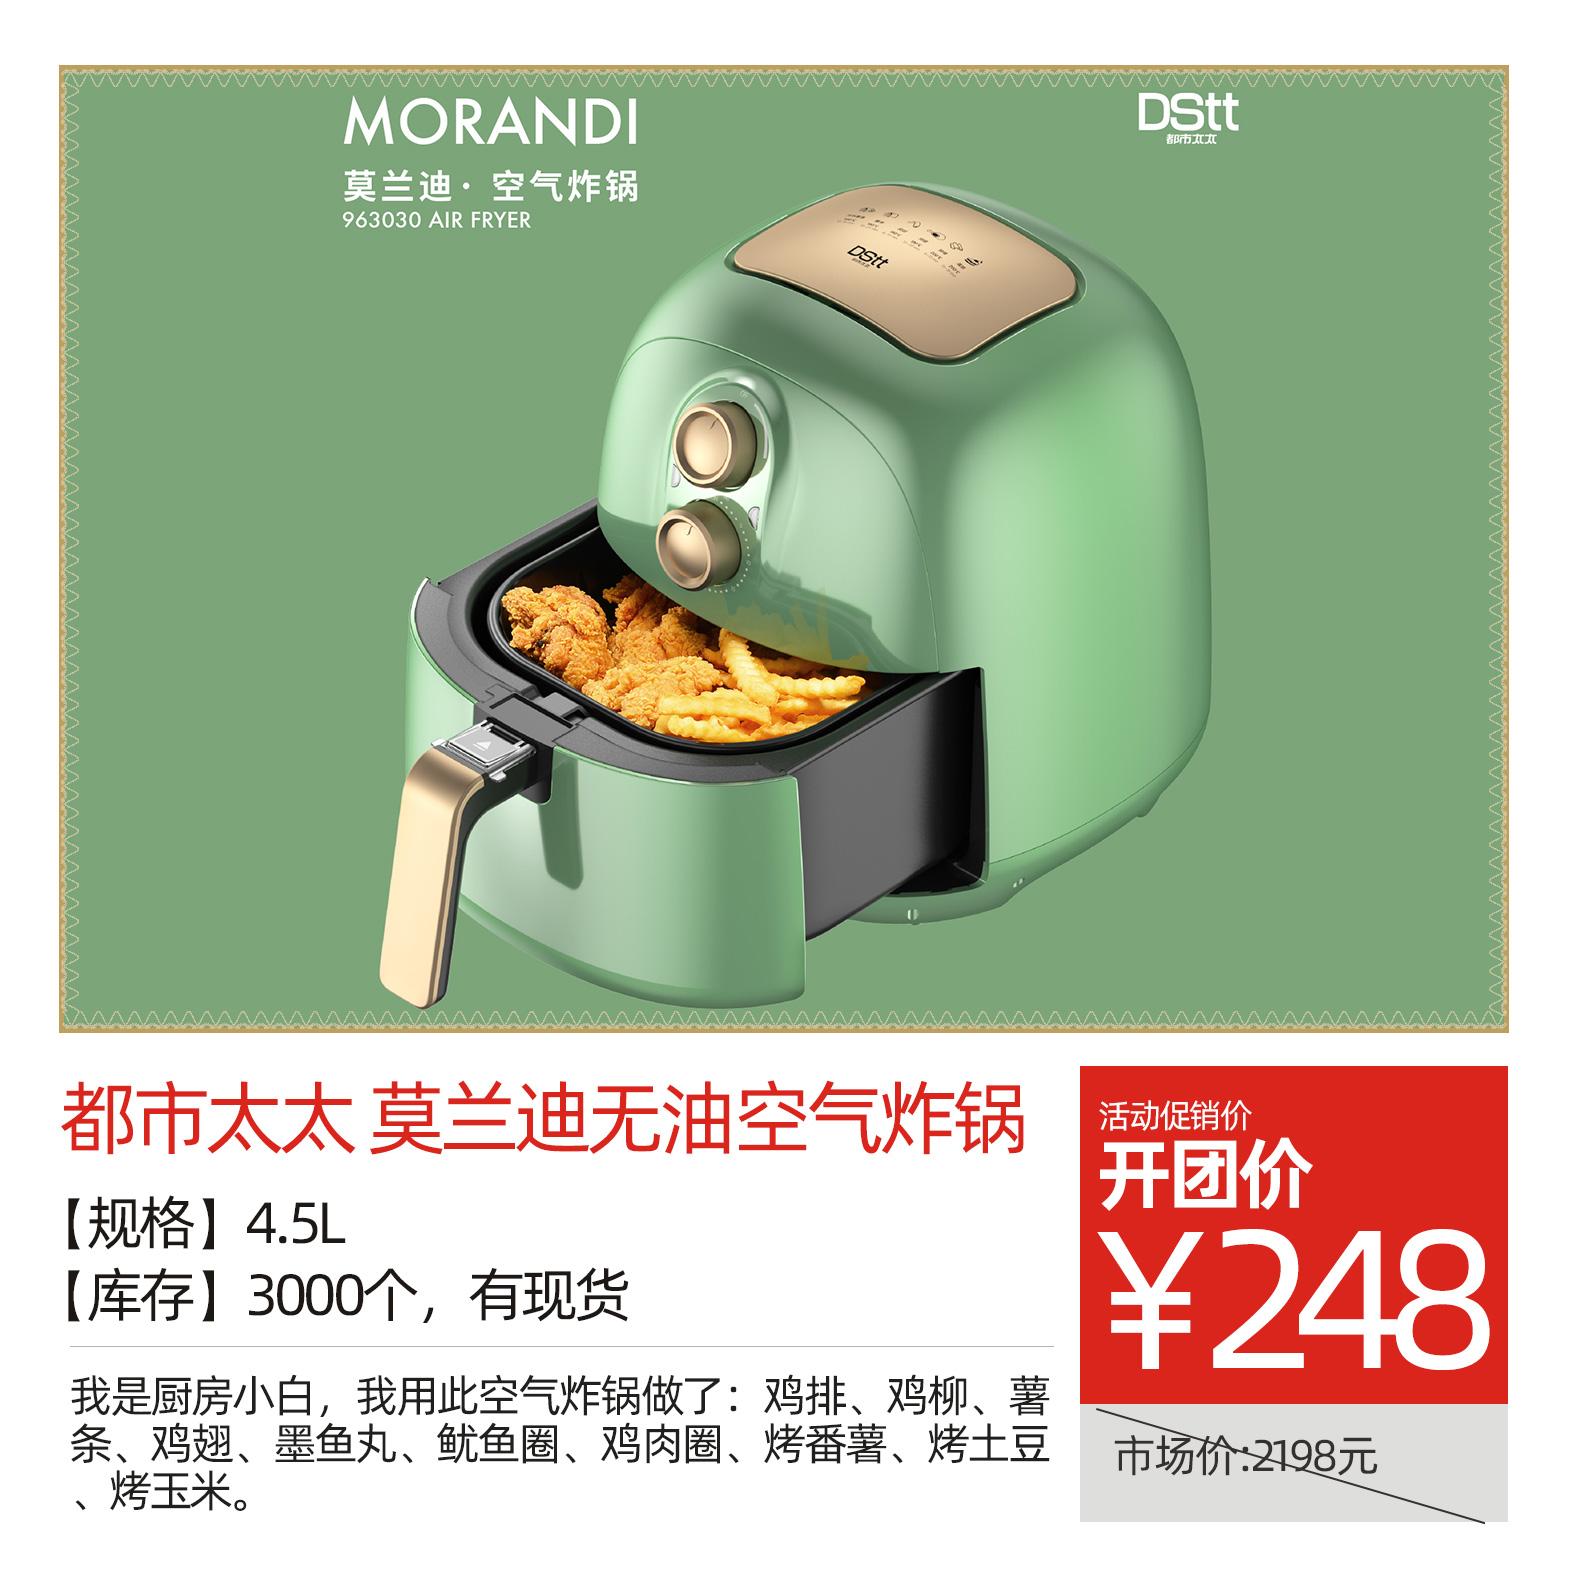 都市太太·莫兰迪·无油空气炸锅